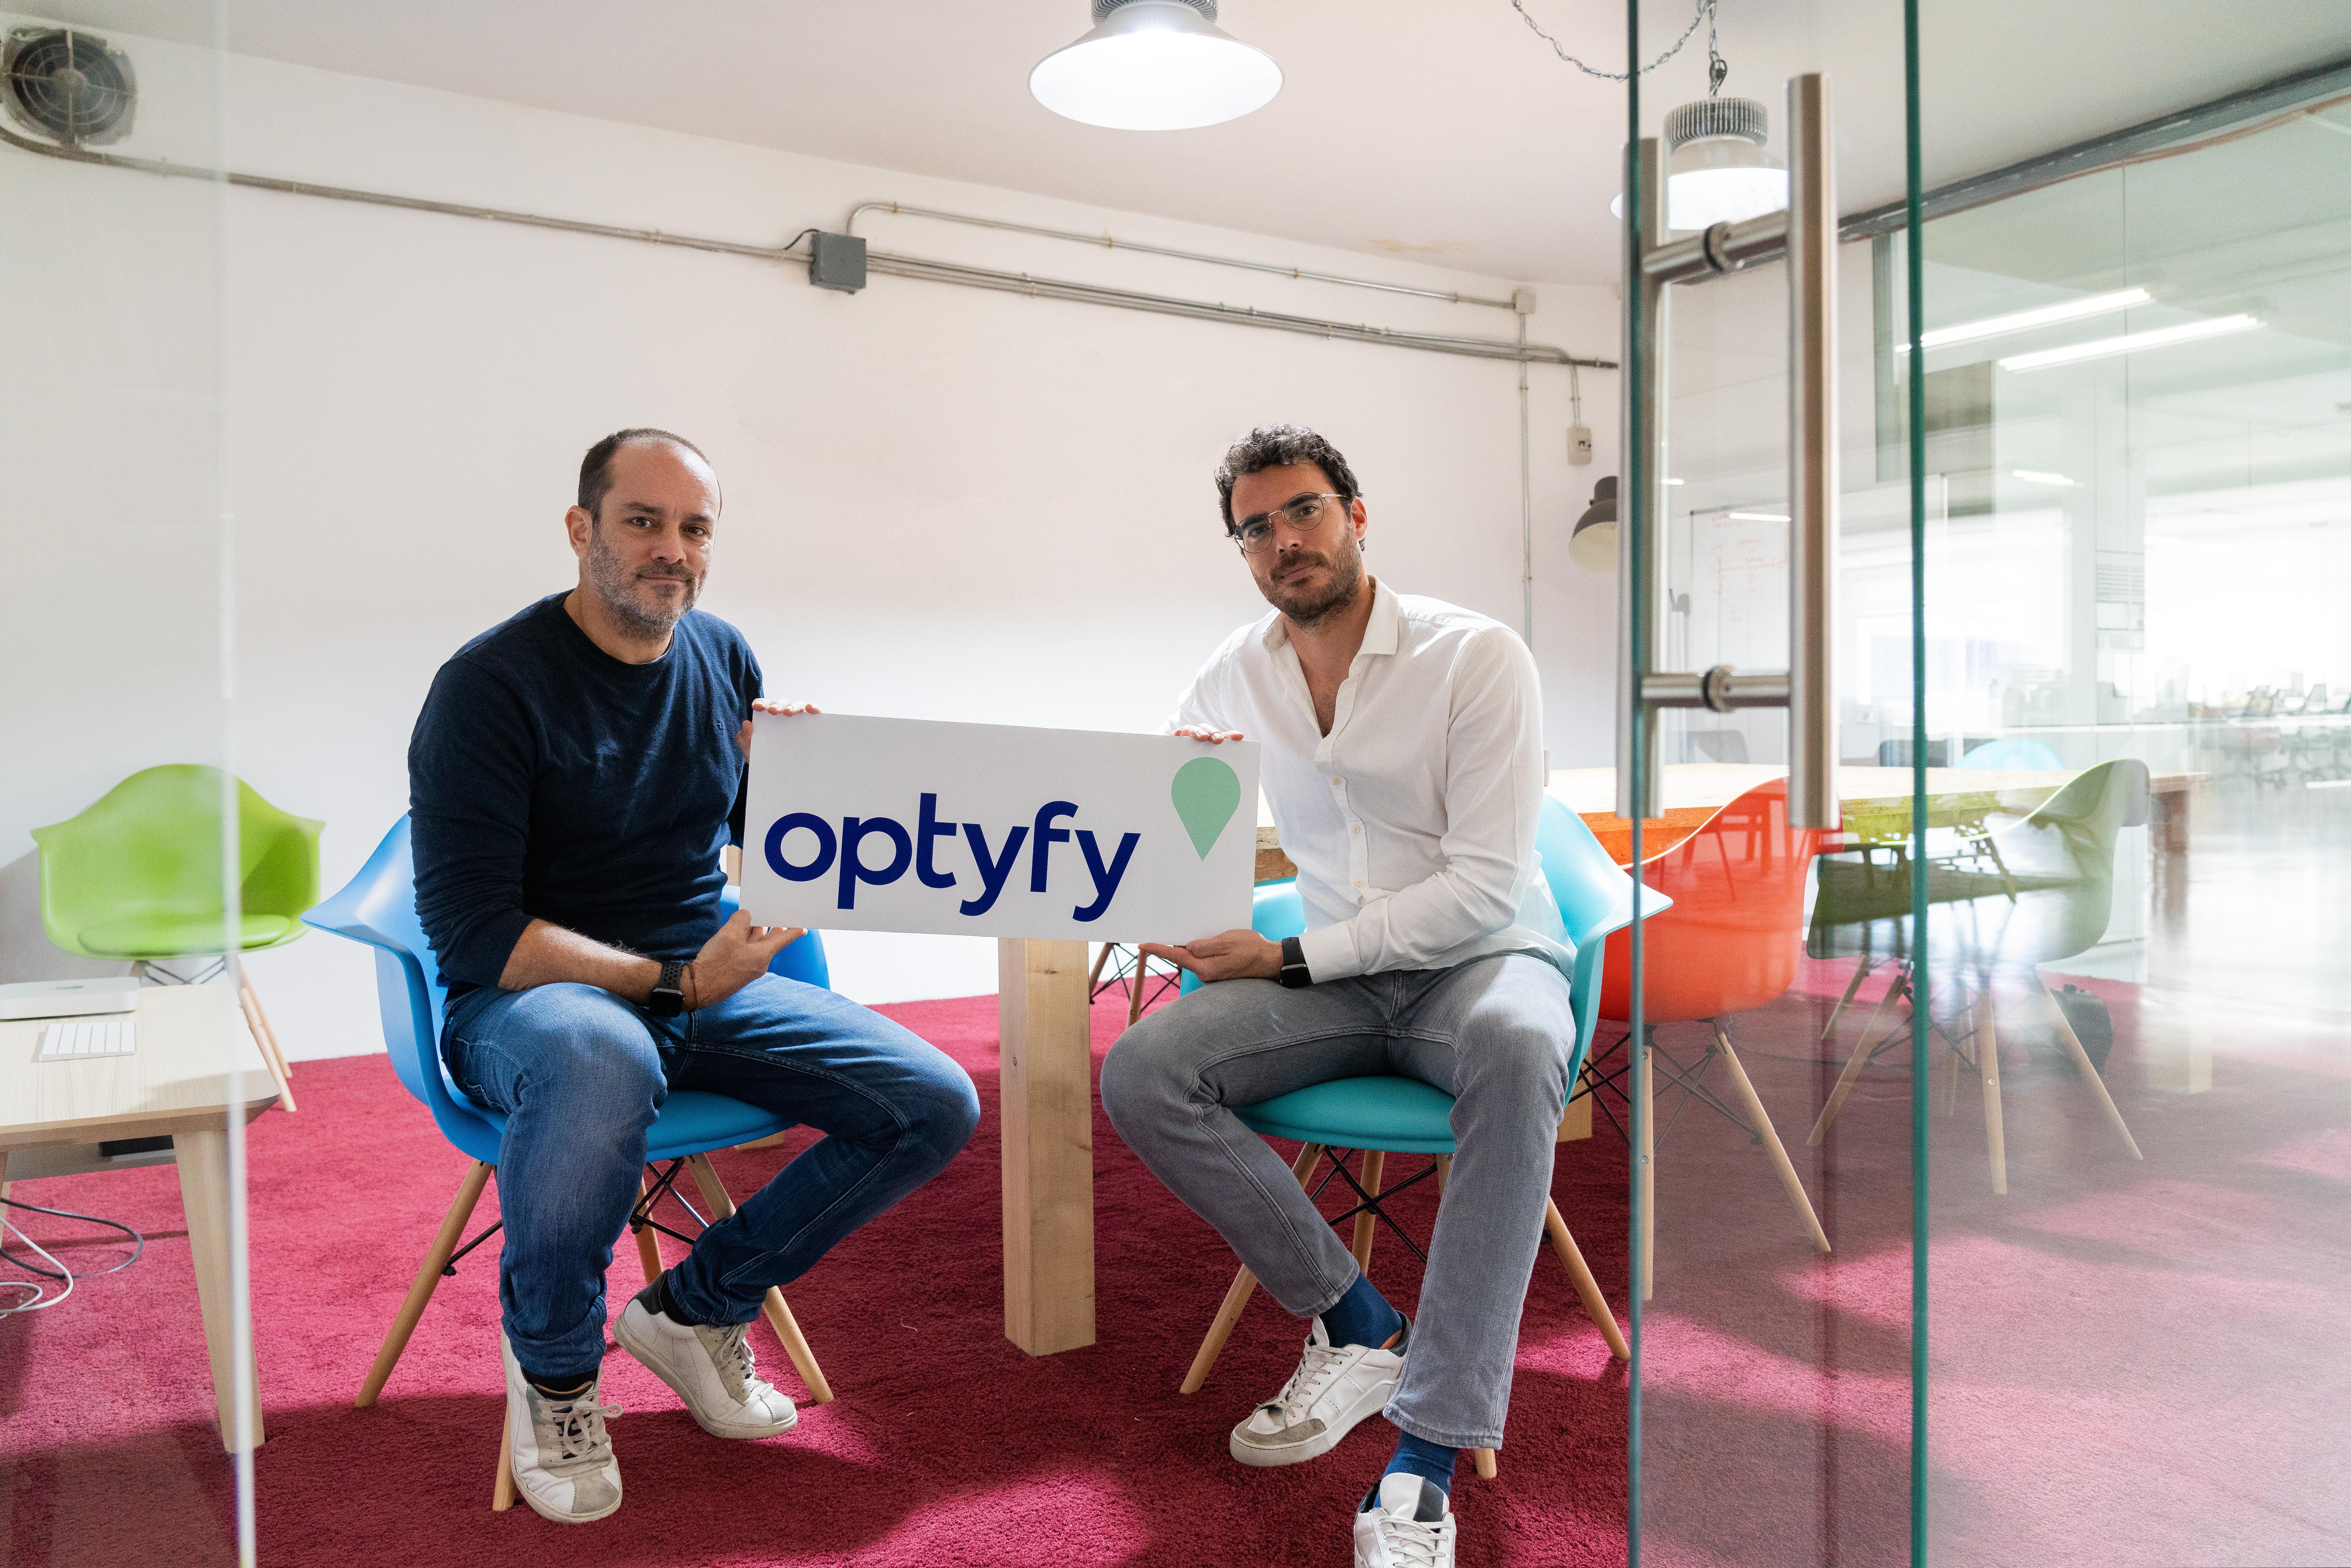 Optyfy, la primera plataforma digital que agrupa en una sola app servicios sanitarios, de cuidados a domicilio y de atención digital